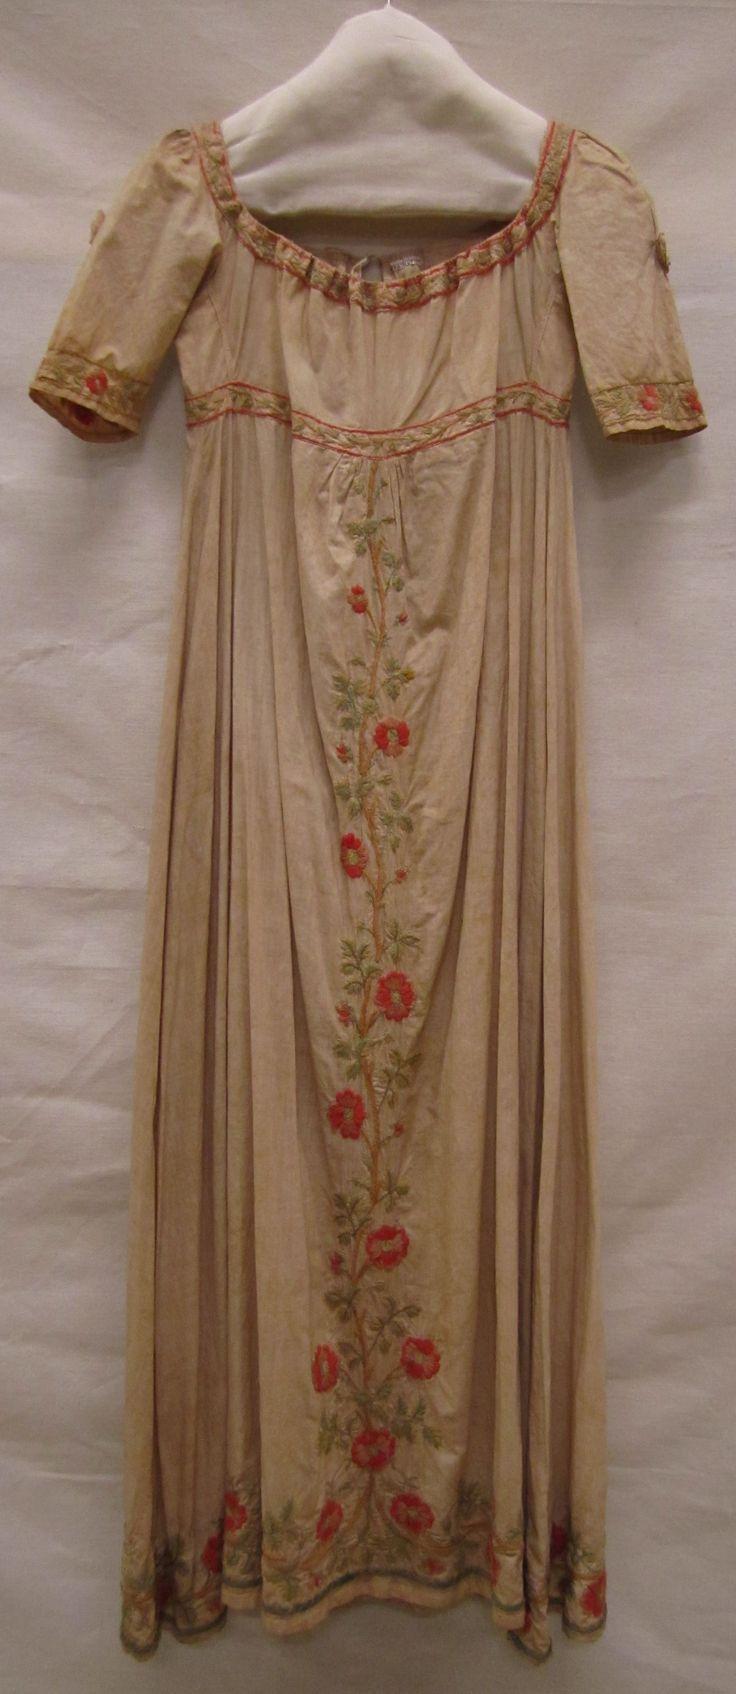 Japon   gown, ca. 1800-1825, katoen met groene wol geborduurd   cotton with embroidery in green wool, Gemeentemuseum Den Haag. #gemeentemuseum #janeausten #modemuze